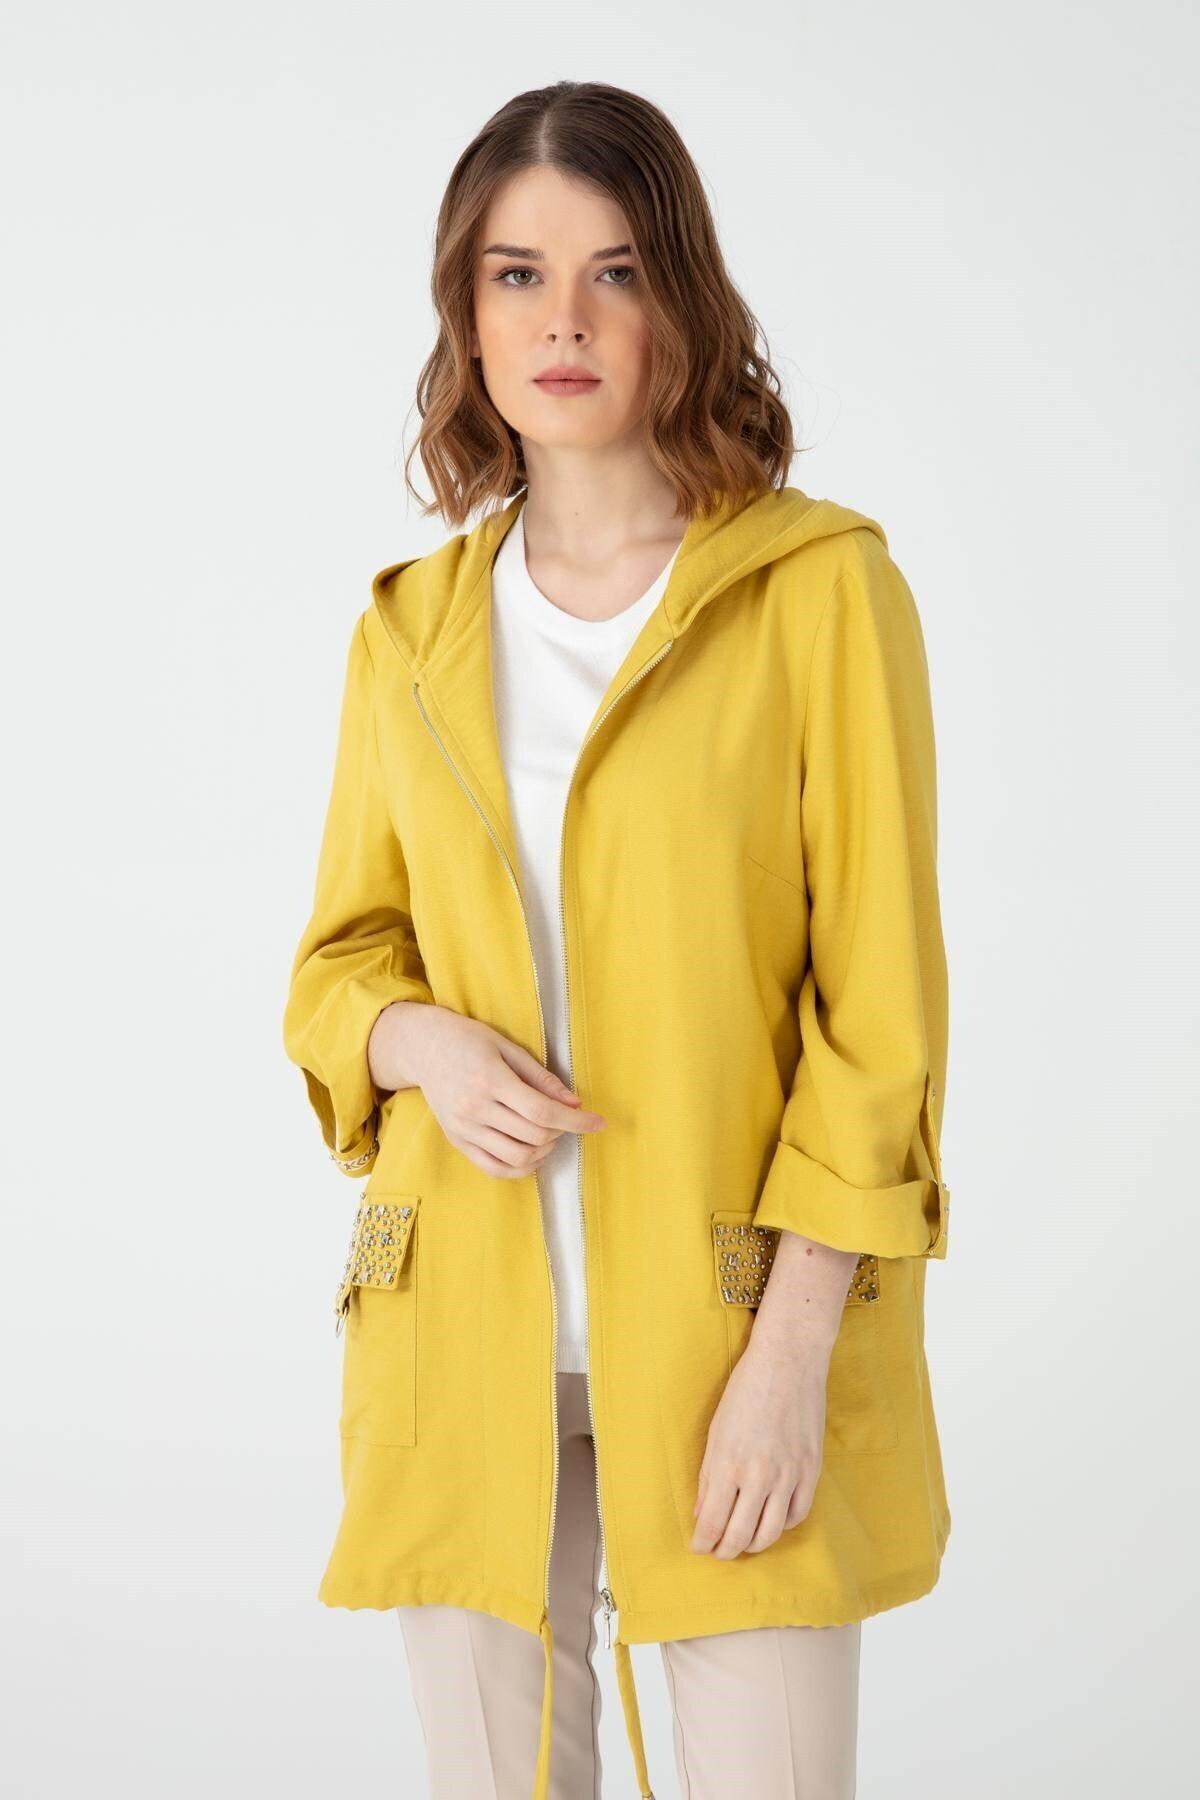 Desen Triko Kadın Cebi Işlemeli Keten Ceket Ce1104 Safran 2